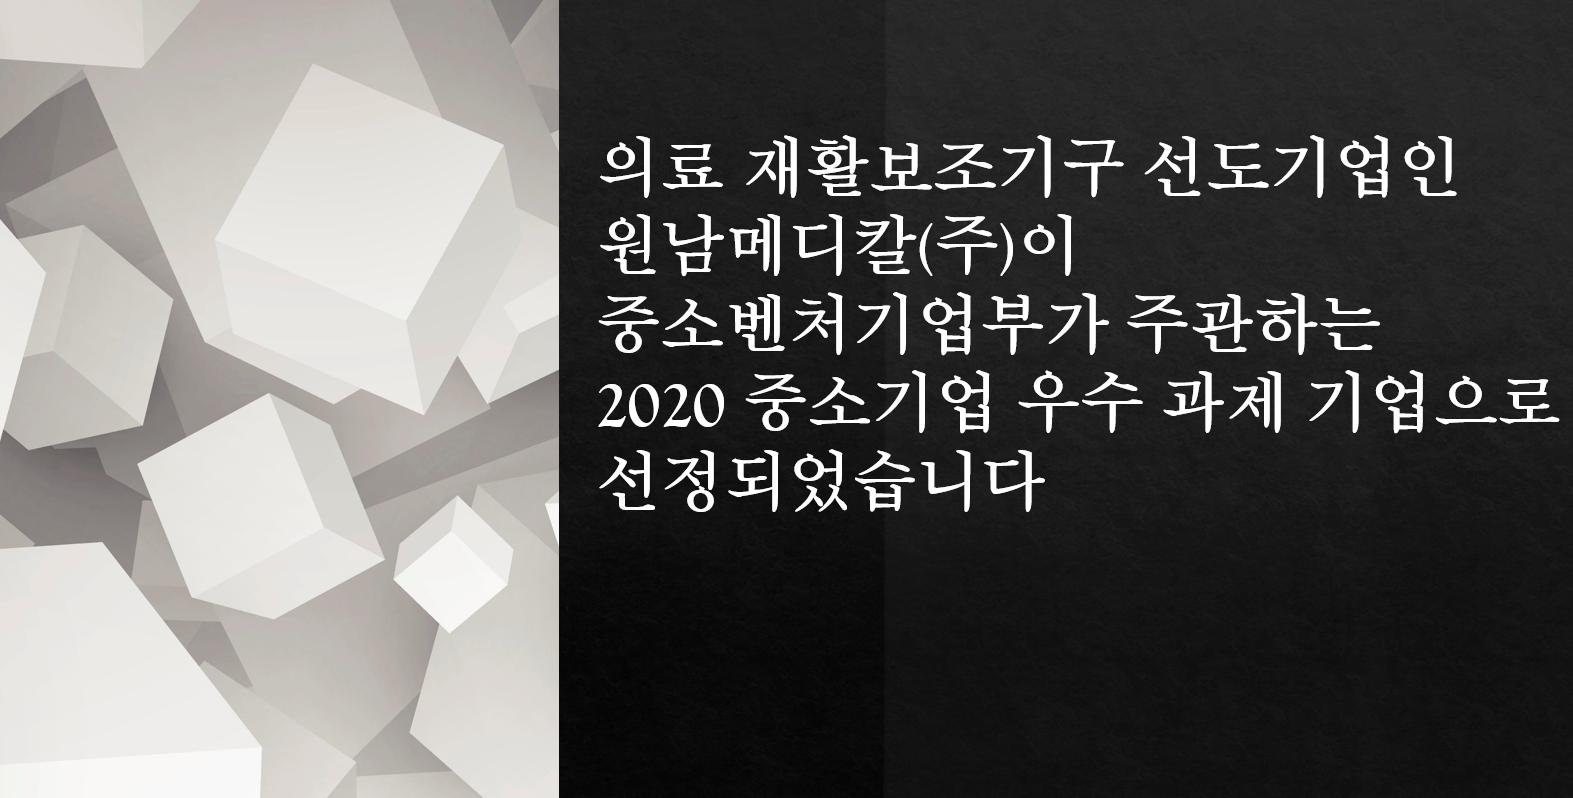 선정공지0.png